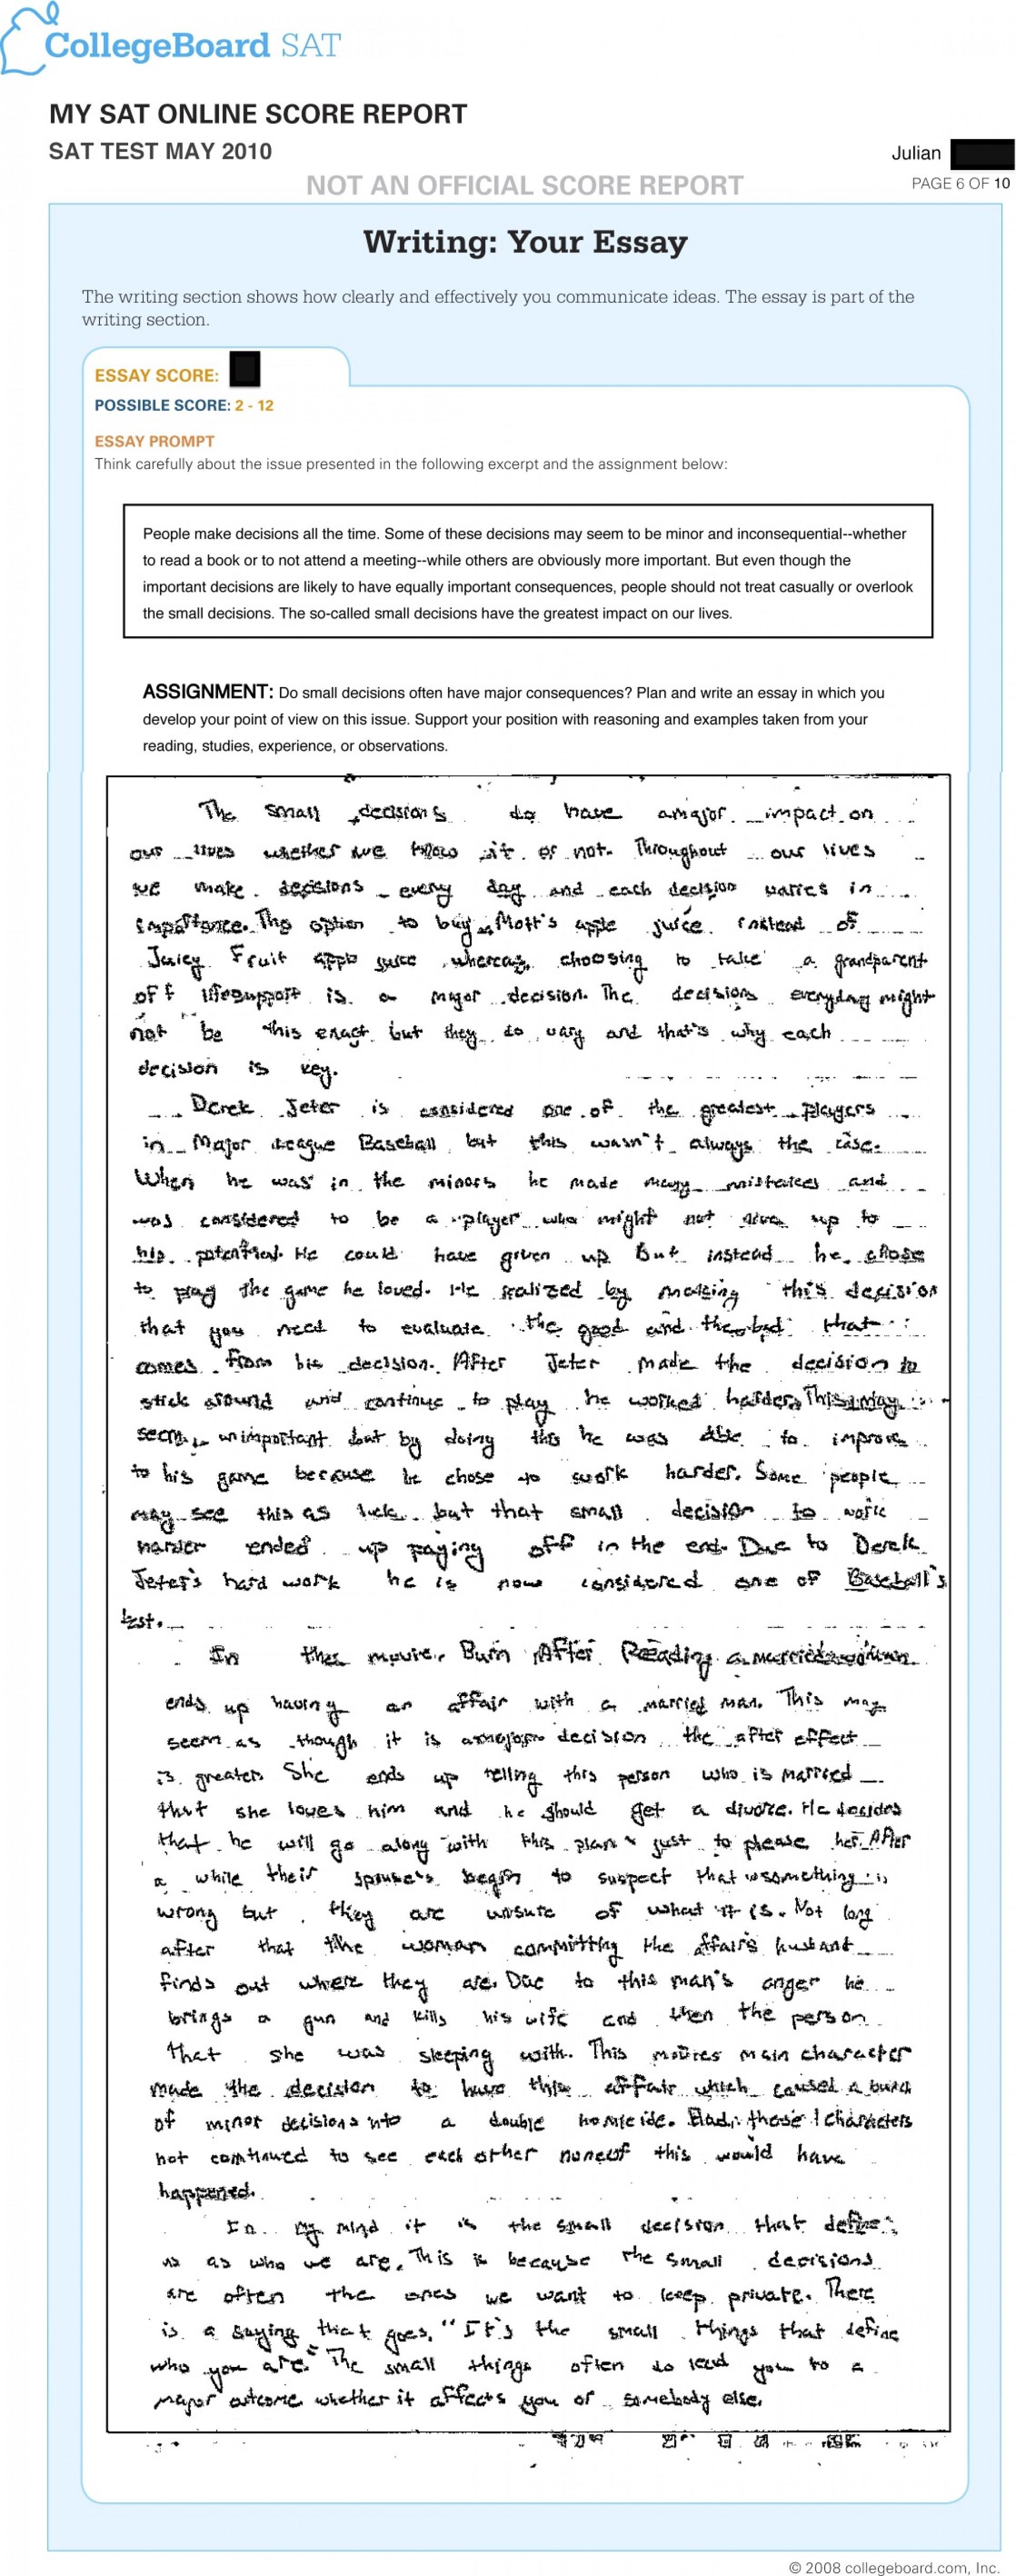 015 Essay Example New Sat Prompts Jr May Impressive 2017 Pdf 1920